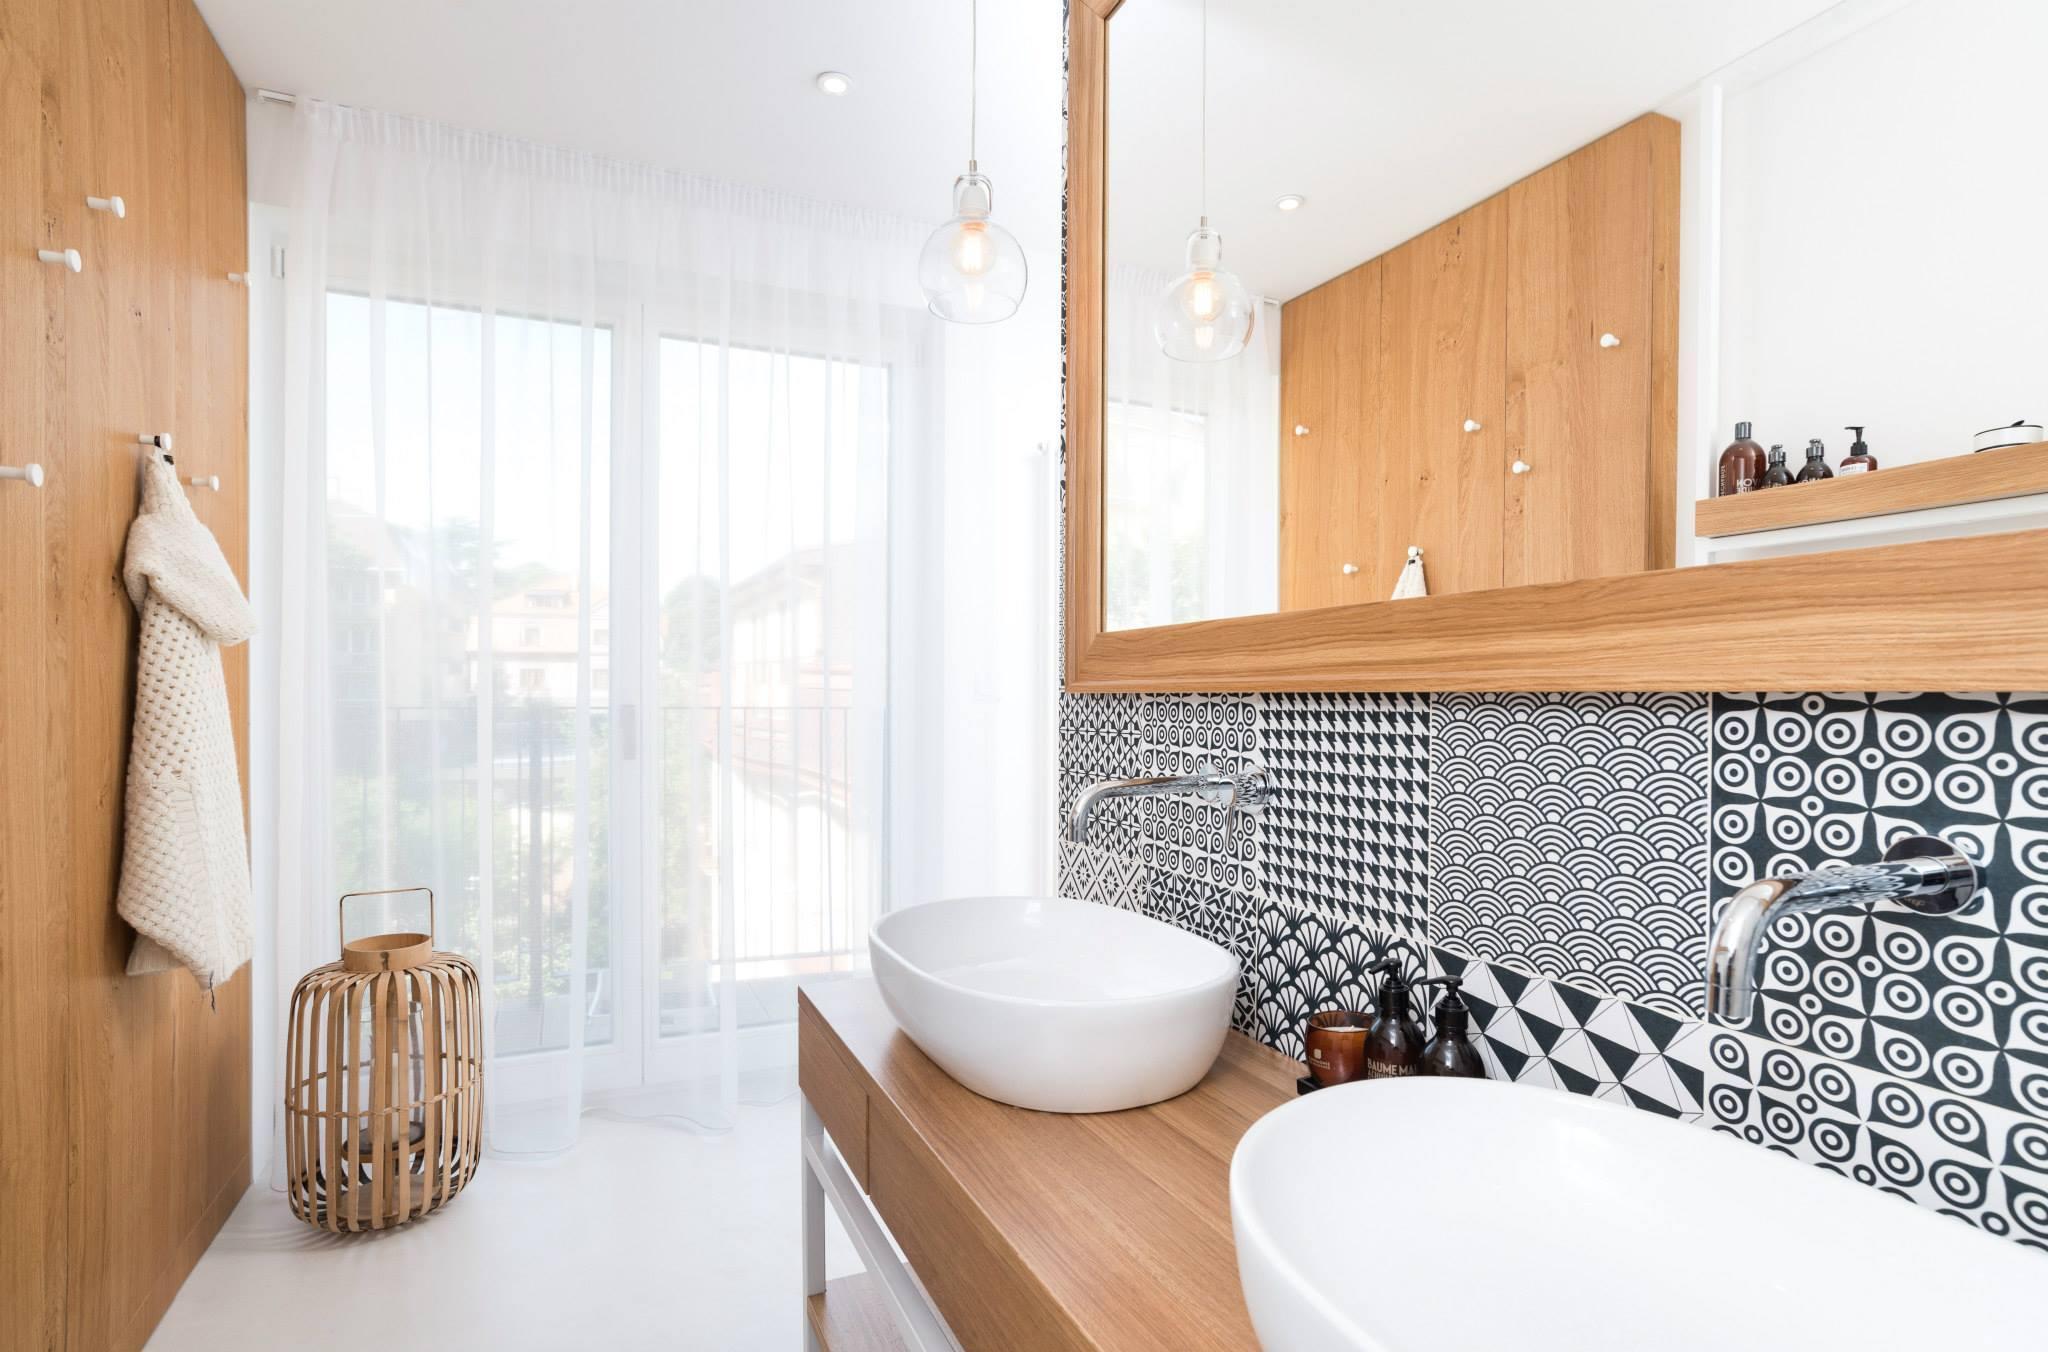 Обстановка однокомнатной квартиры и интерьер ванной